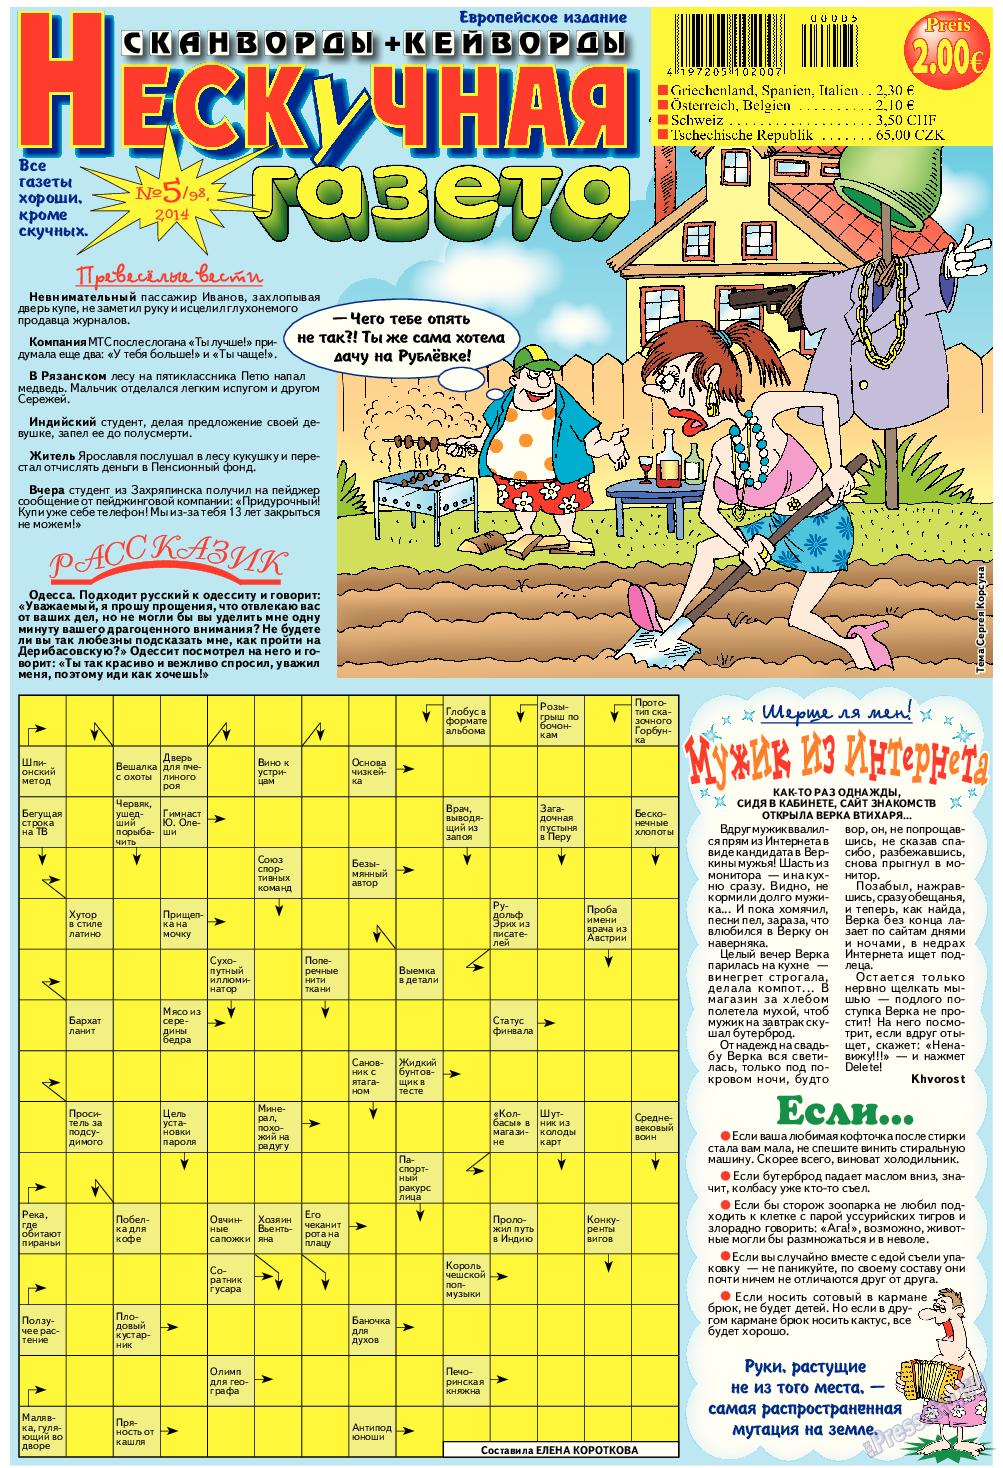 Нескучная газета (журнал). 2014 год, номер 5, стр. 1